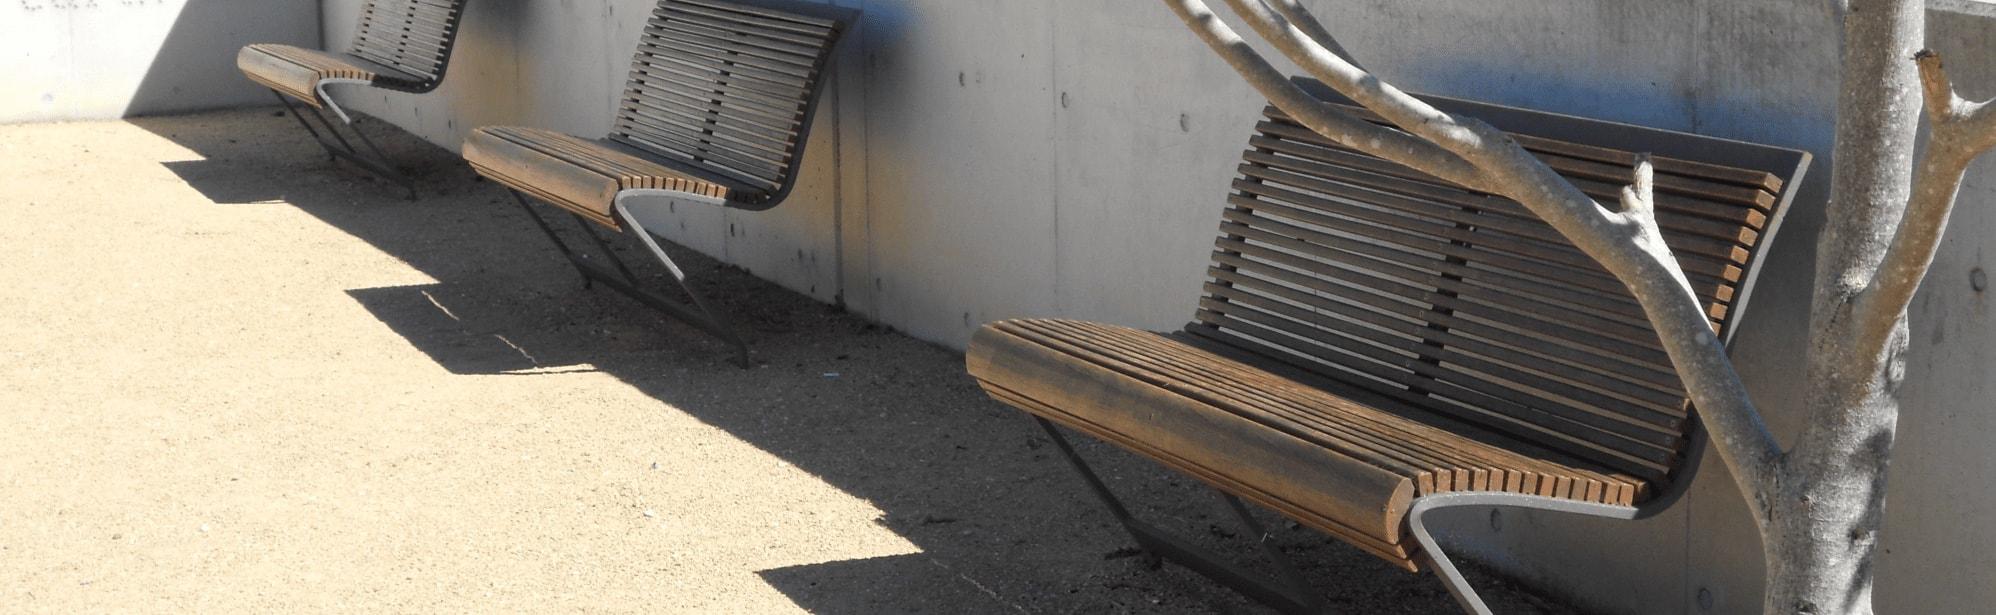 Custom Emerdyn Seat, Ballast Point